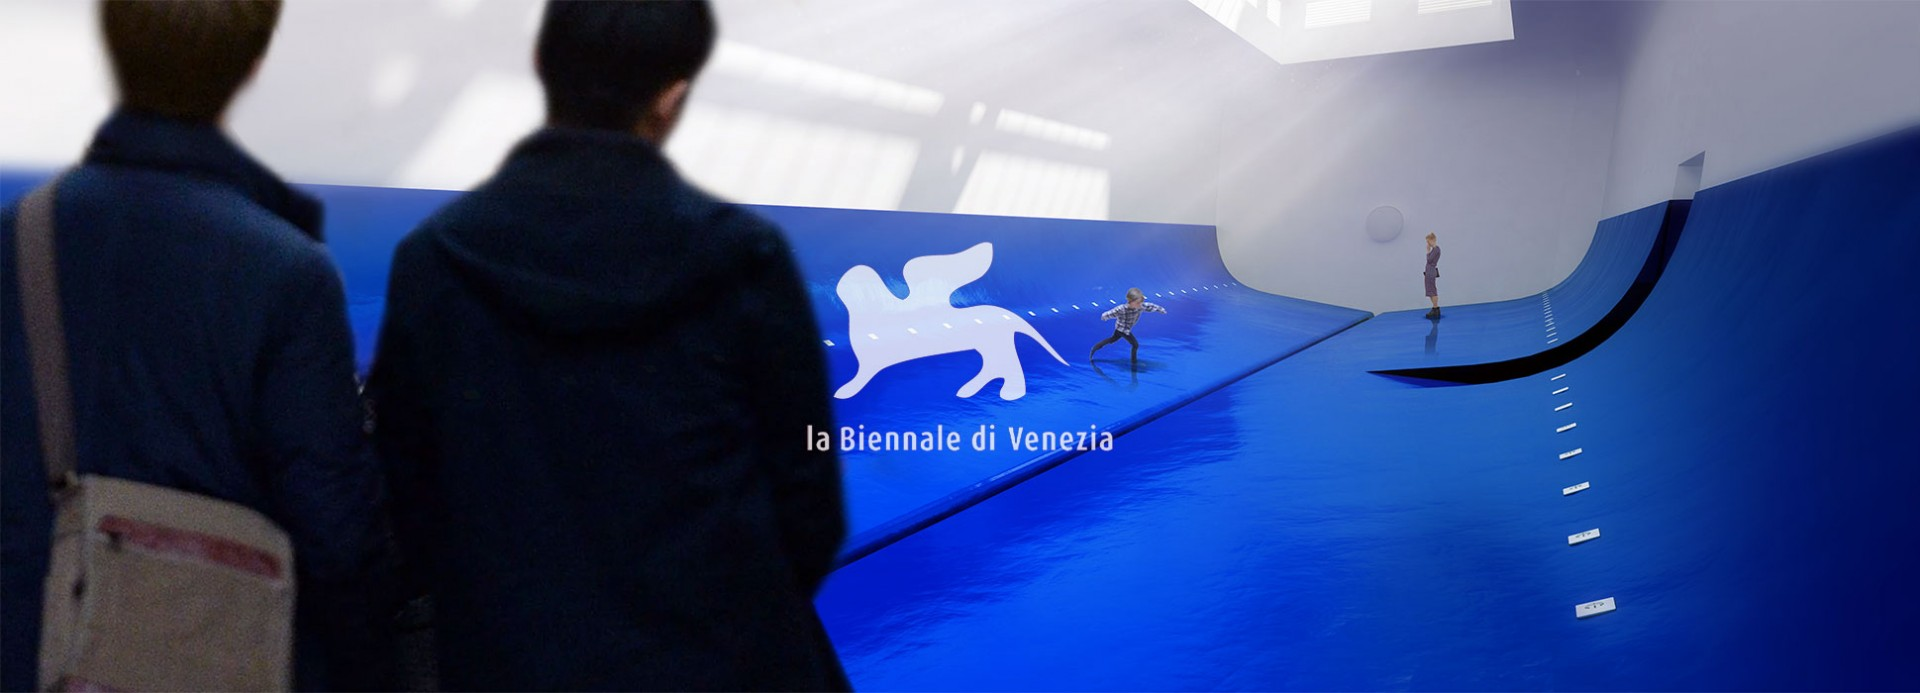 Одабран рад који ће представљати Републику Србију на Бијеналу архитектуре у Венецији 2016